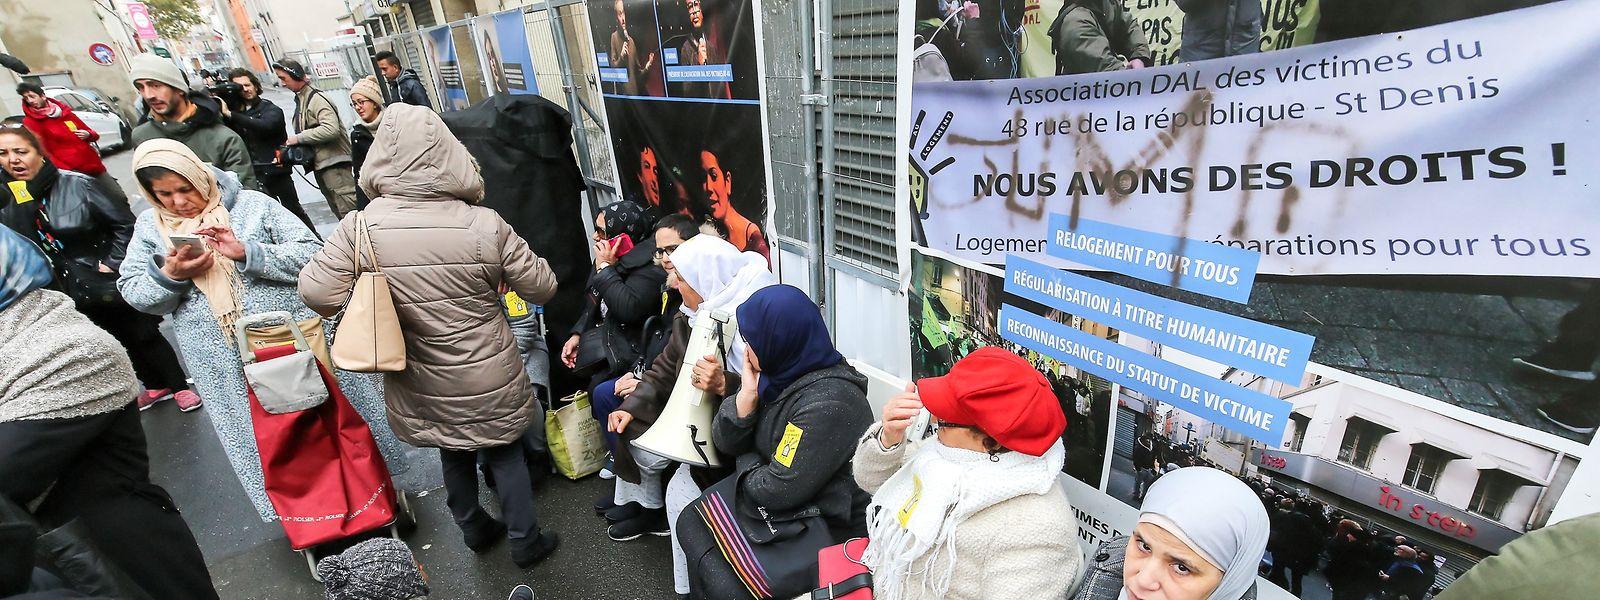 Seit Jahrzehnten wird der Einfluss des Islamismus im Pariser Vorort Saint-Denis immer stärker.